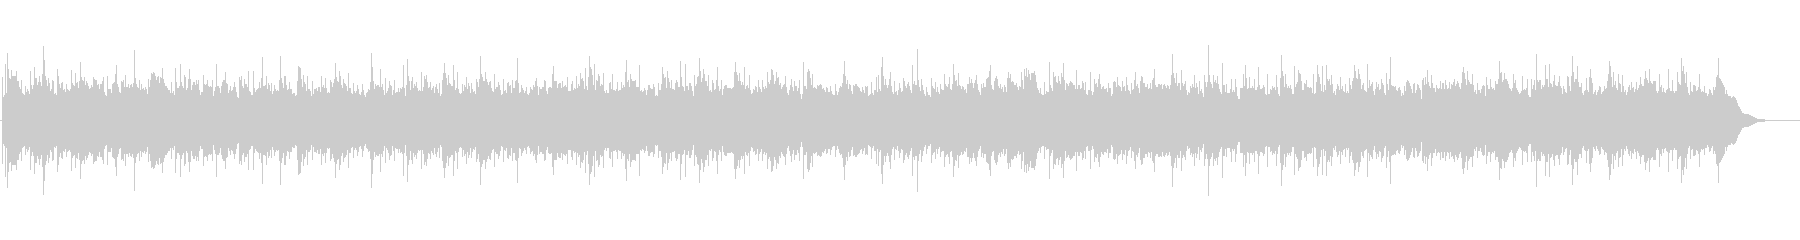 【オルゴール】エンディングの余韻を残す曲の未再生の波形